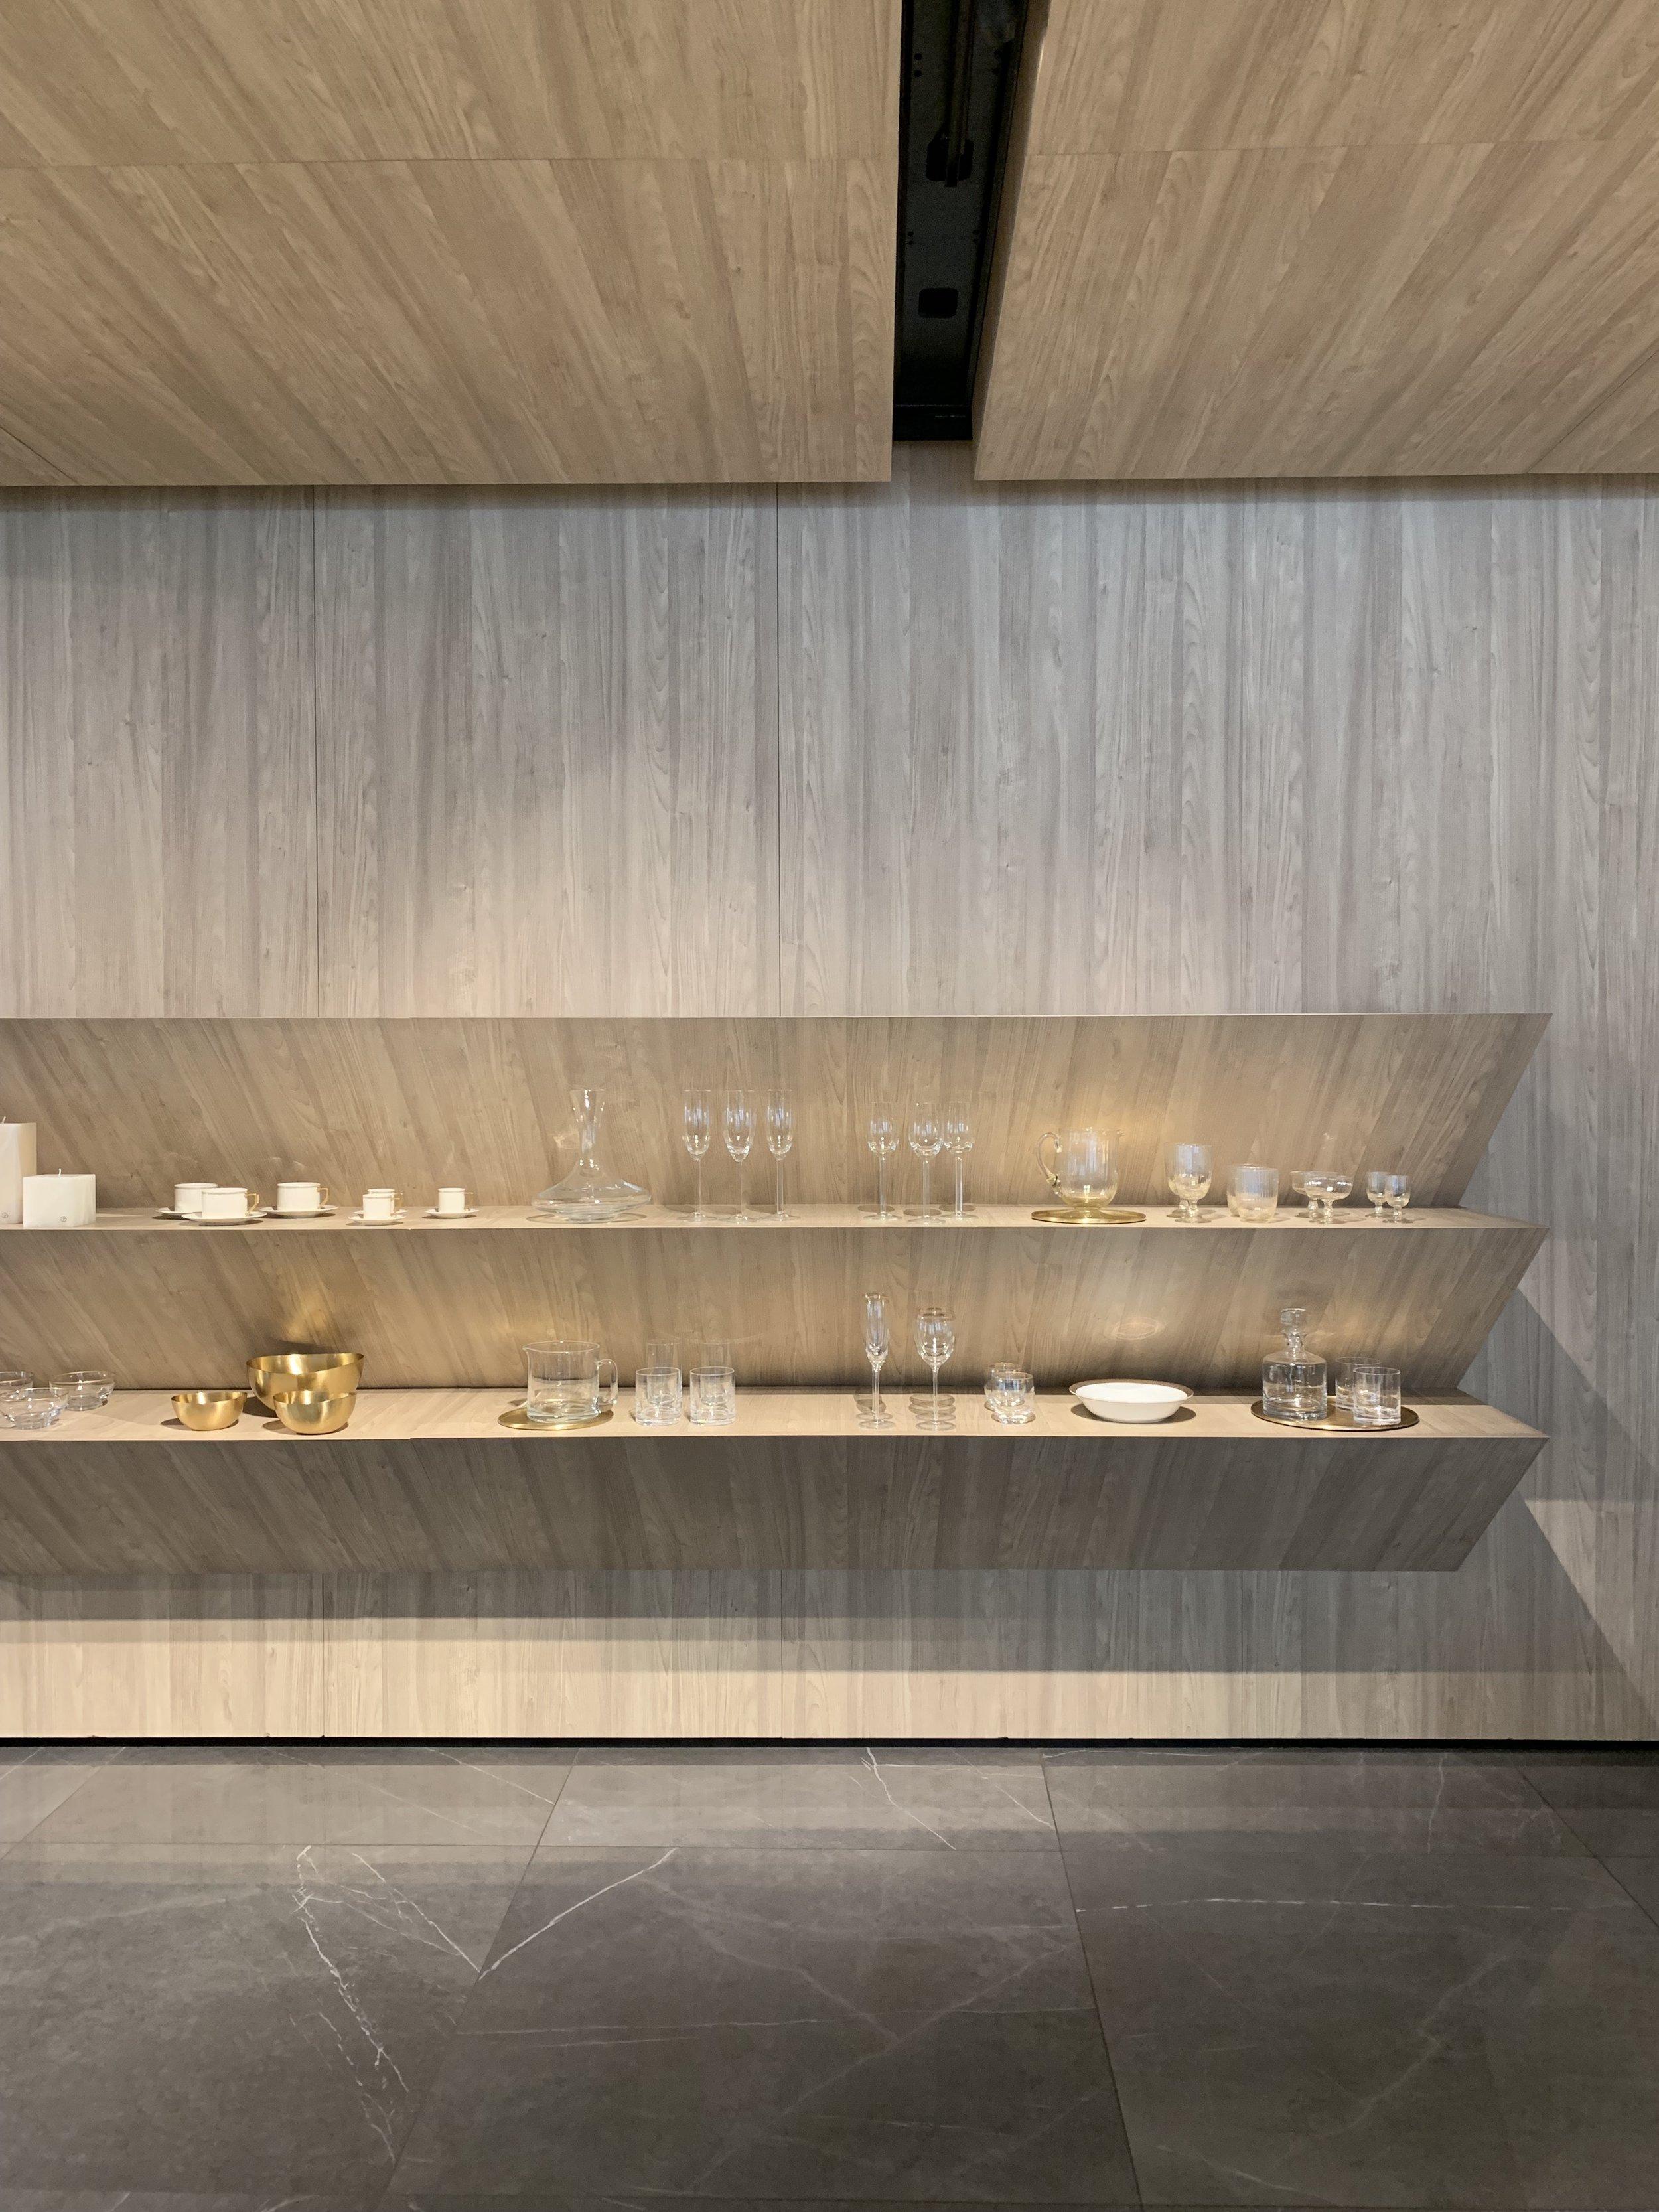 036 Salone del Mobile 2019 Lex de gooijer interiors rotterdam.JPG